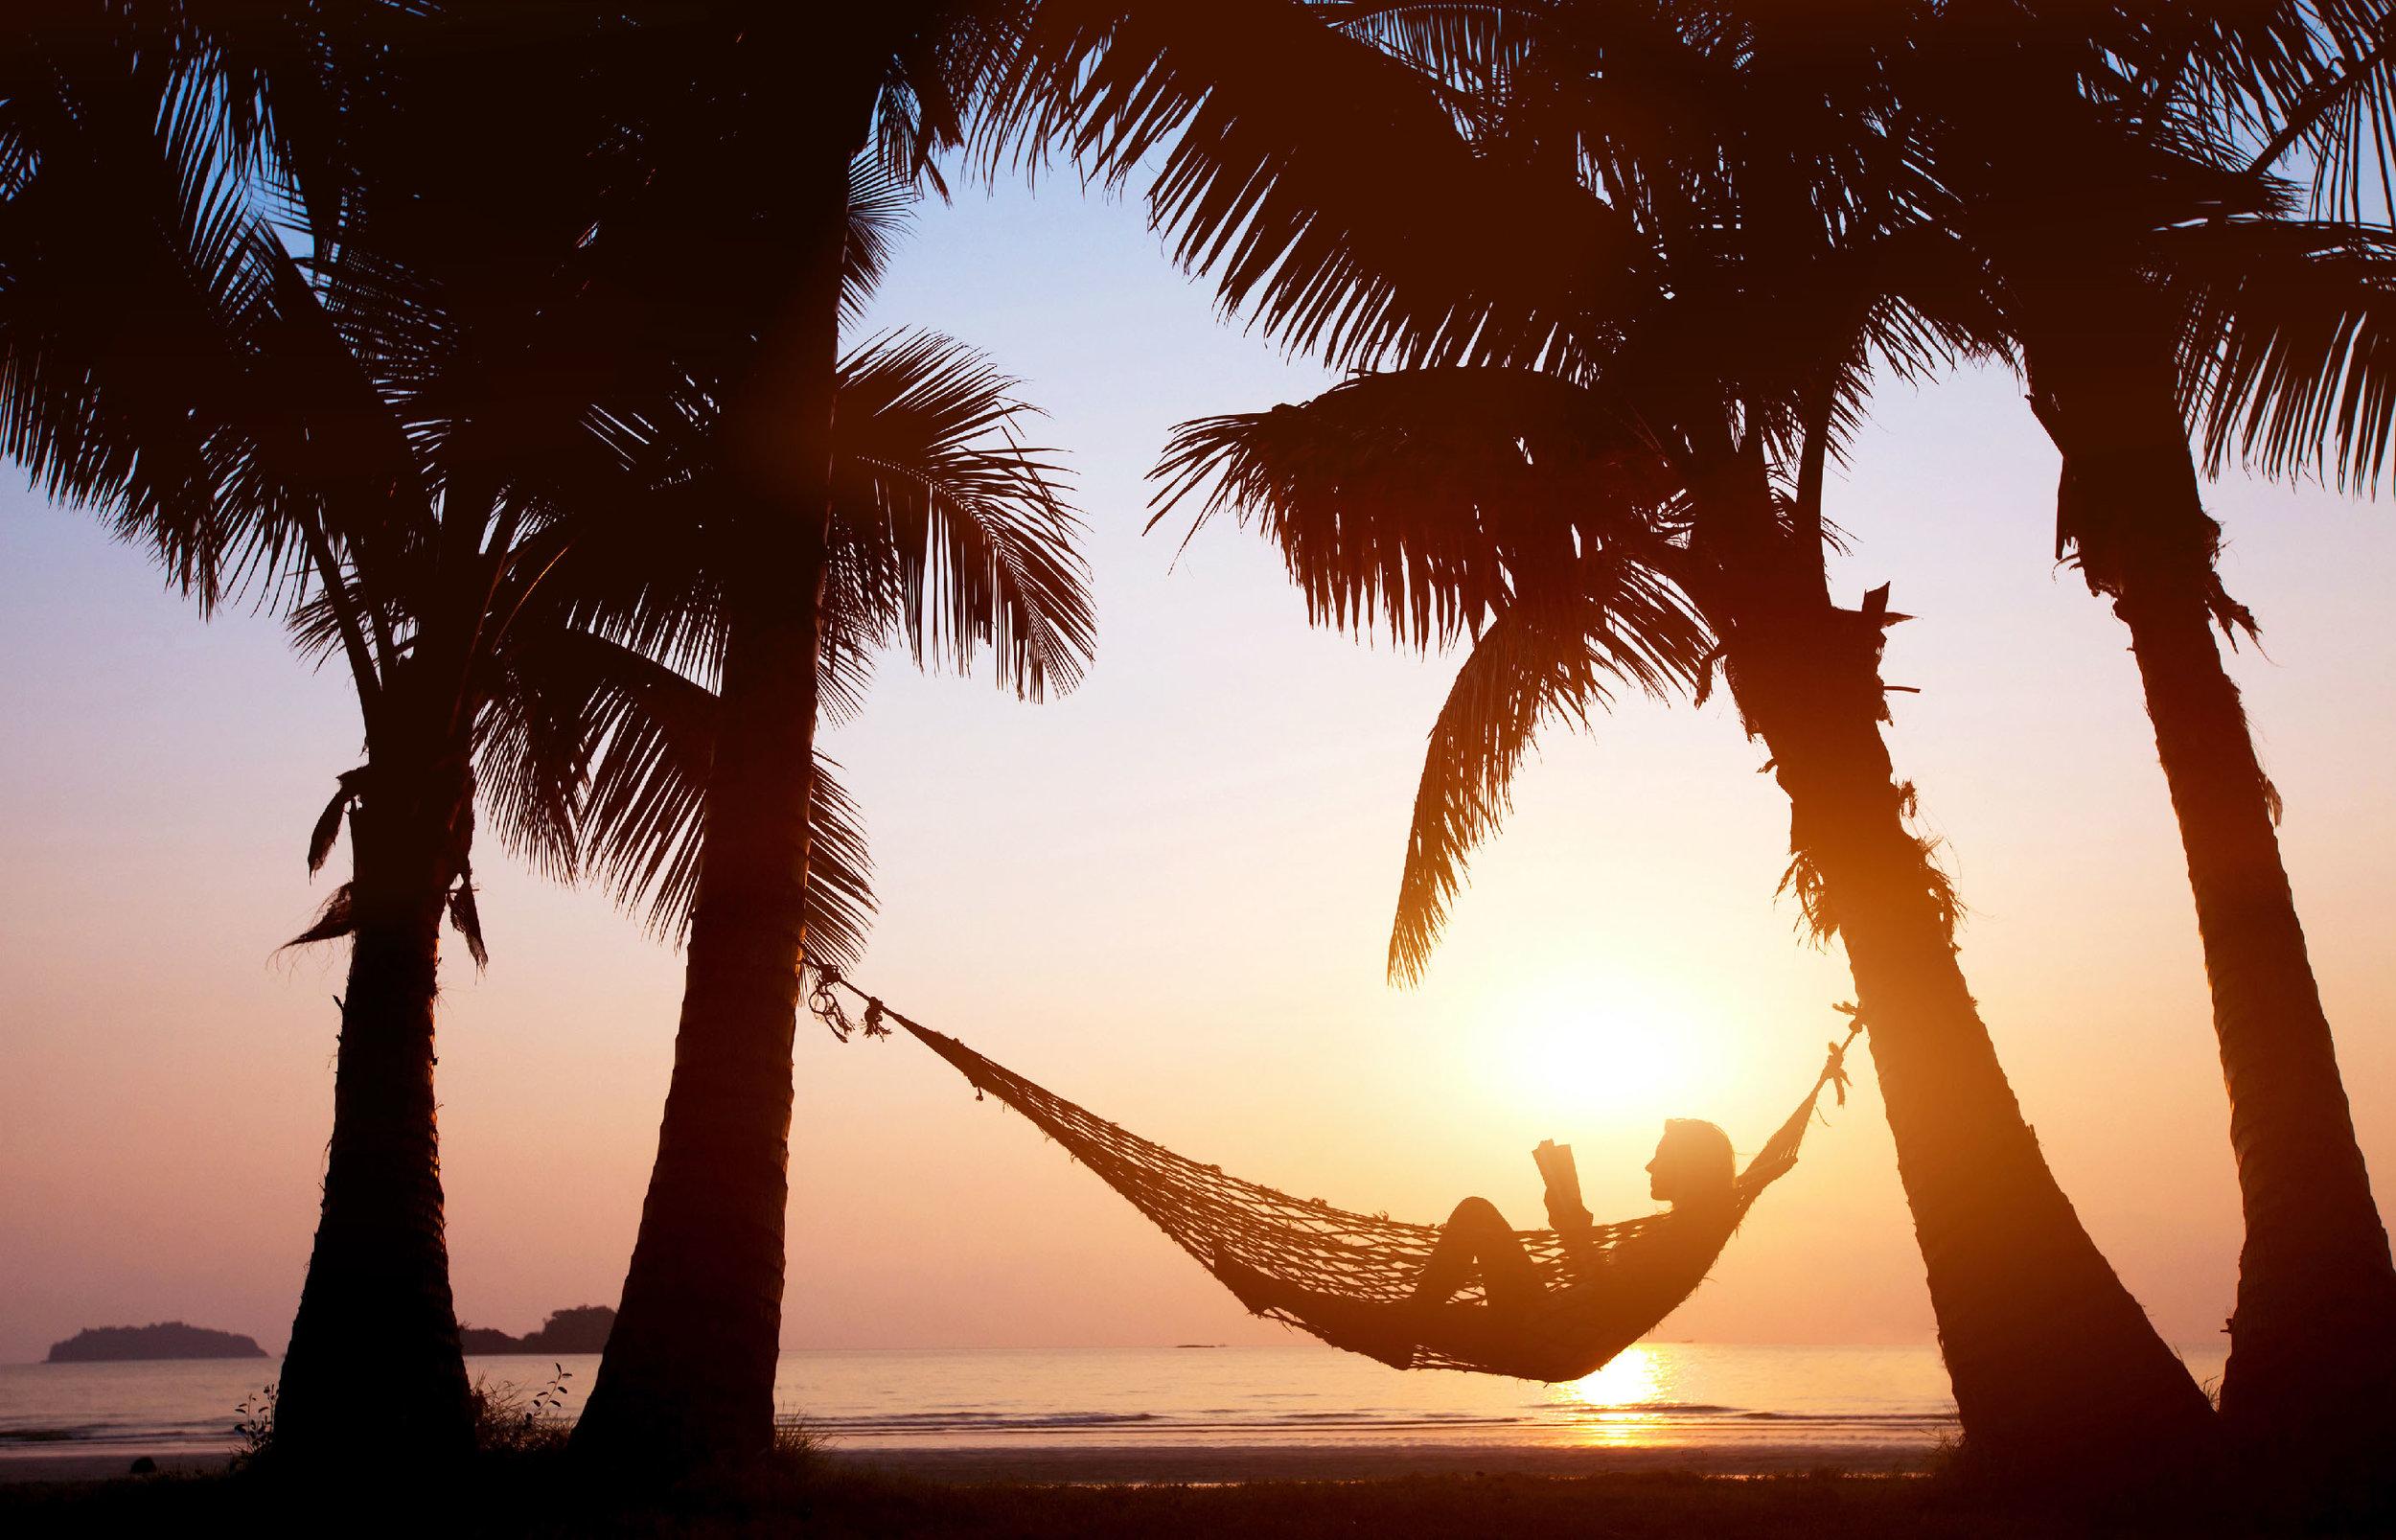 Bali_sunset_hammock.jpg